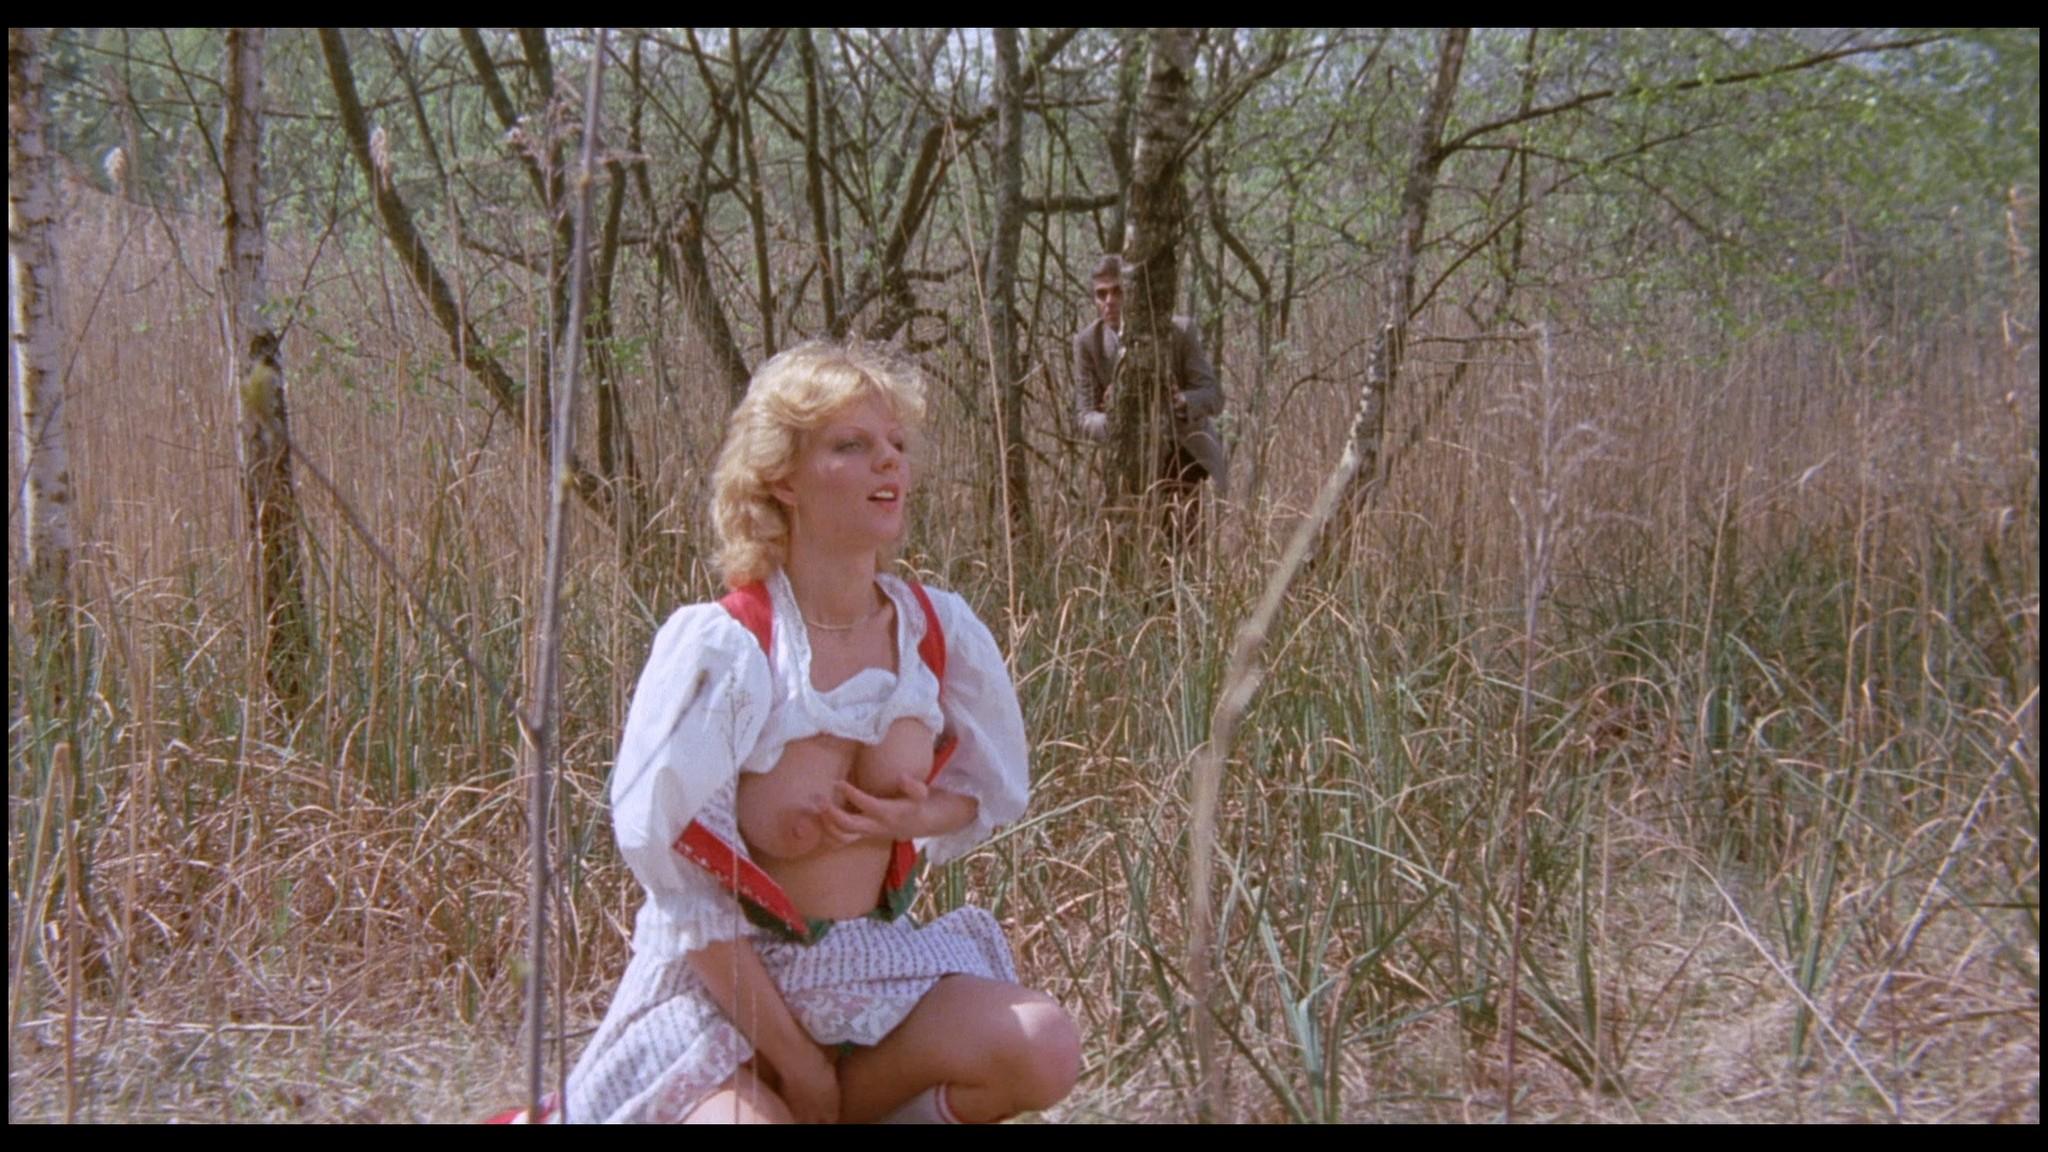 Marianne Aubert Michaela Larsen etc nude explicit sex Sechs Schwedinnen auf der Alm 1983 1080p BluRay 20